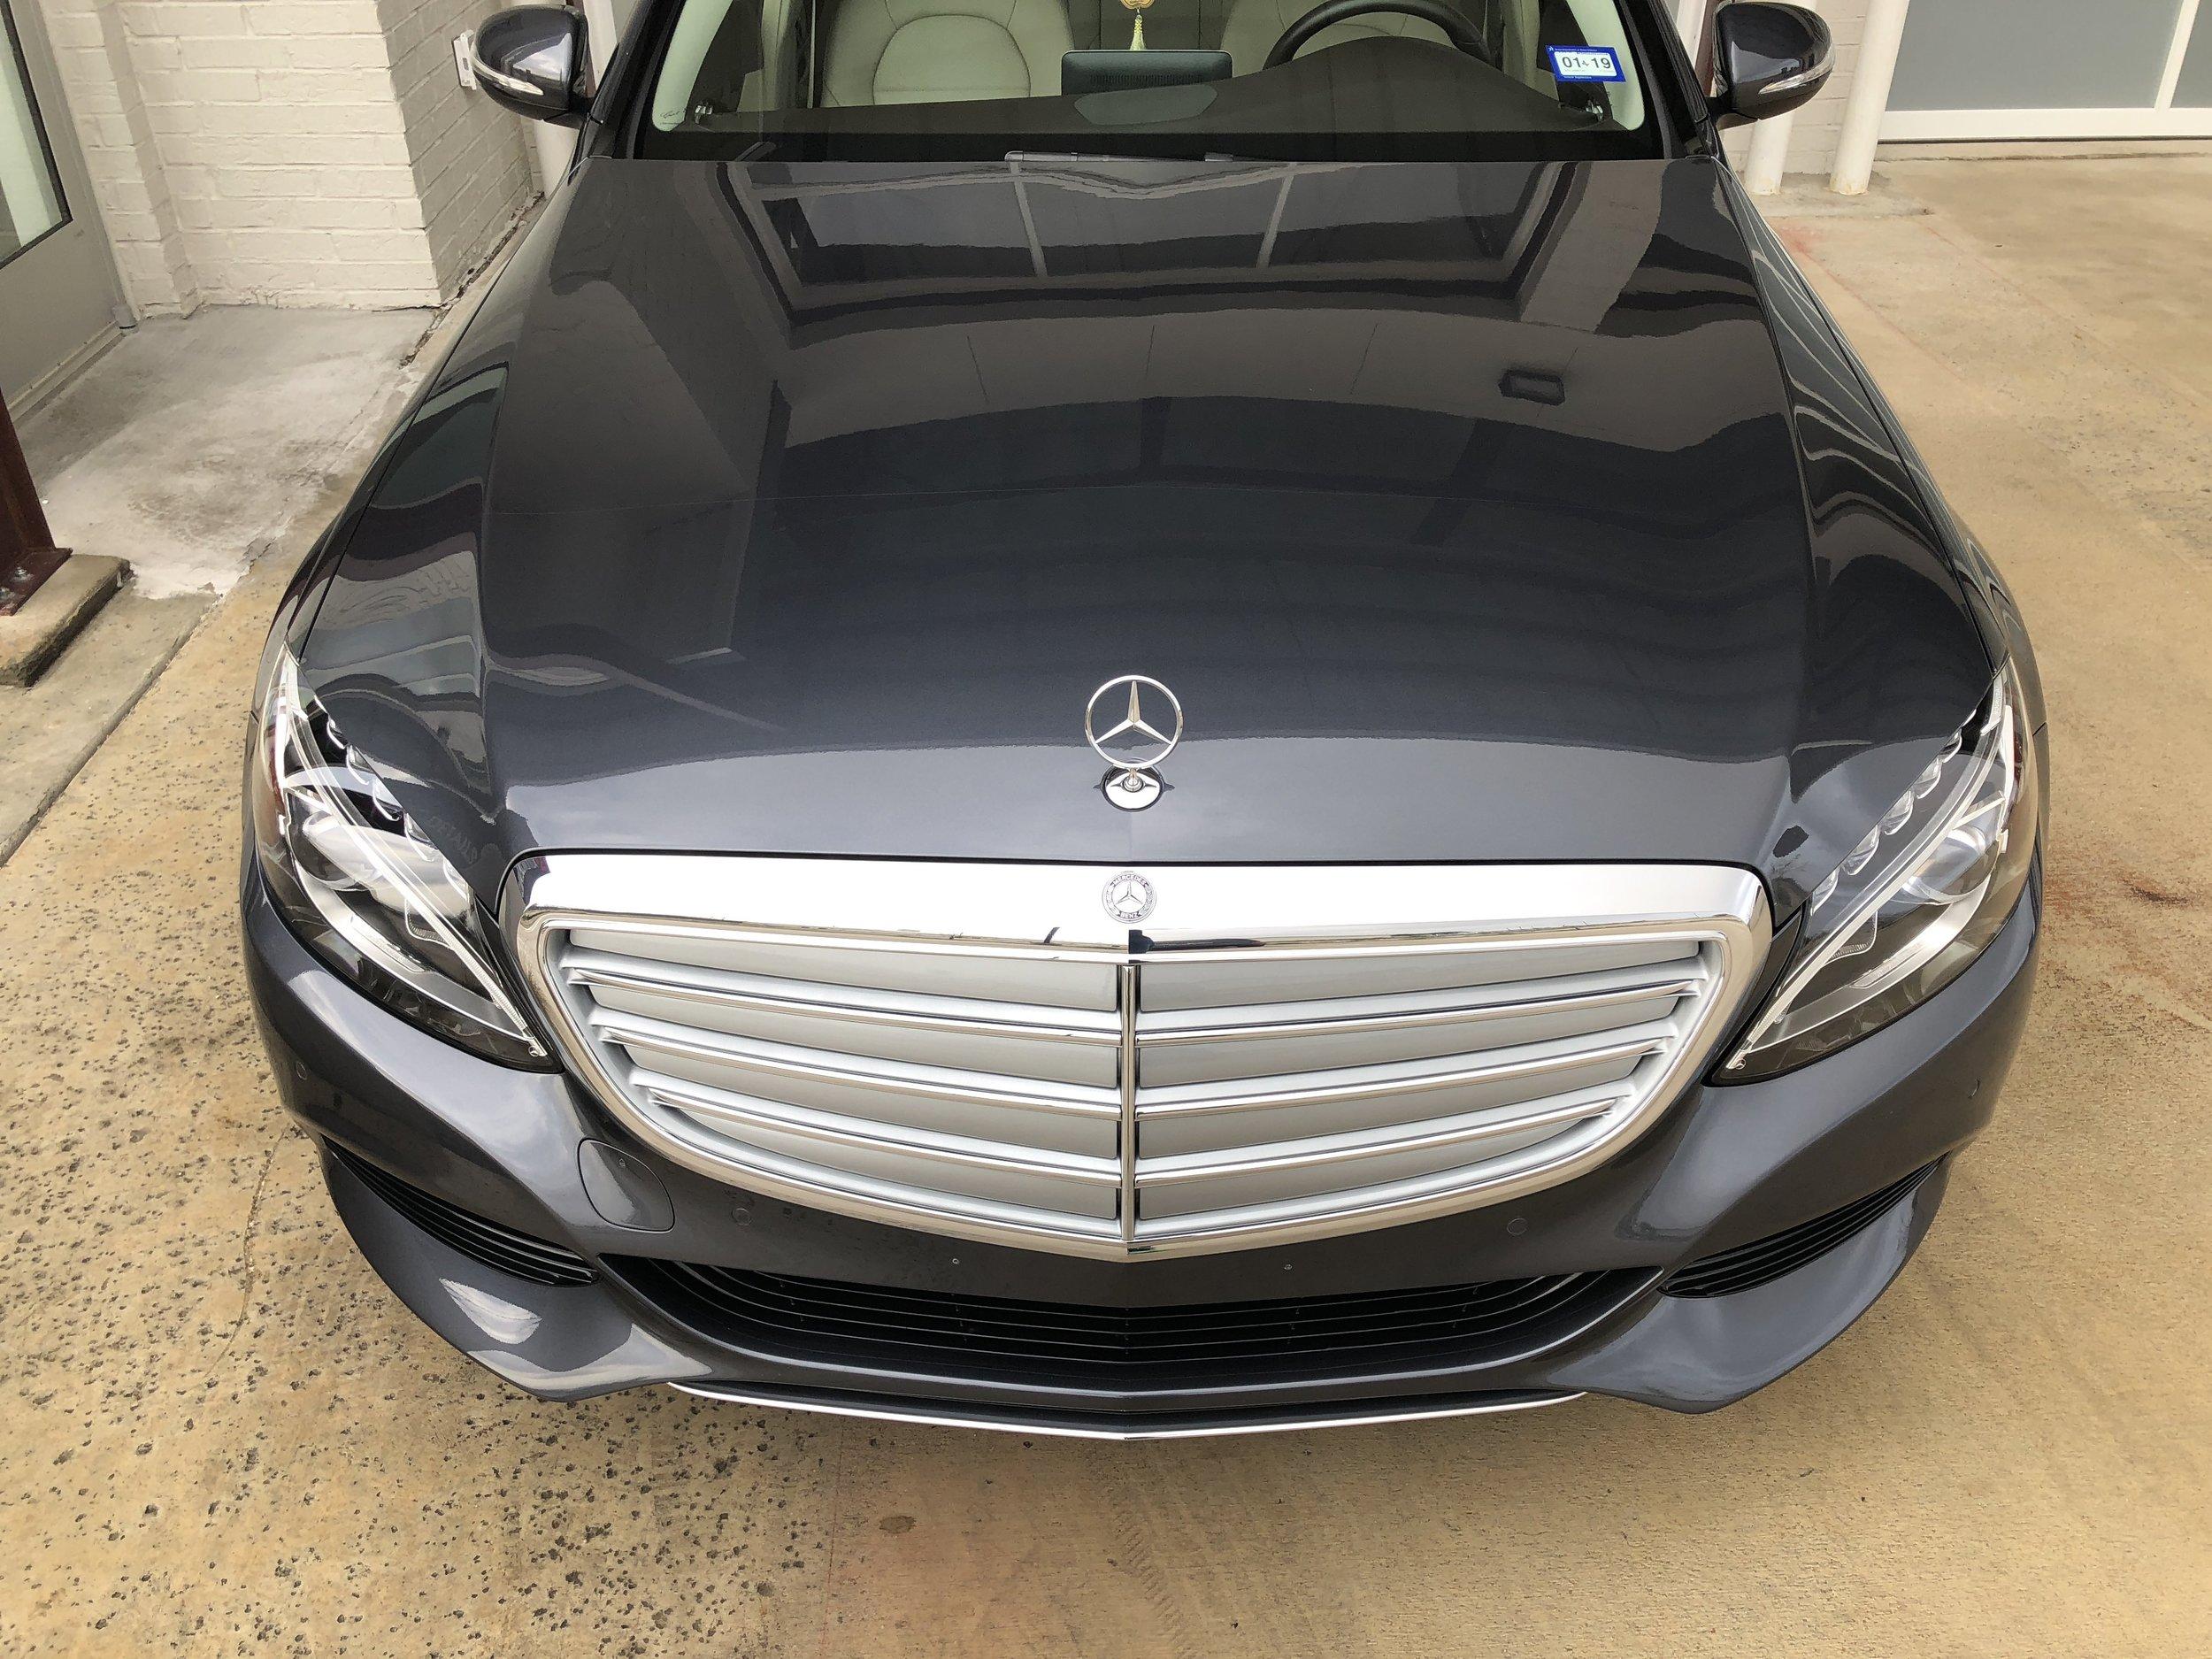 Mercedes Clear Bra Texas